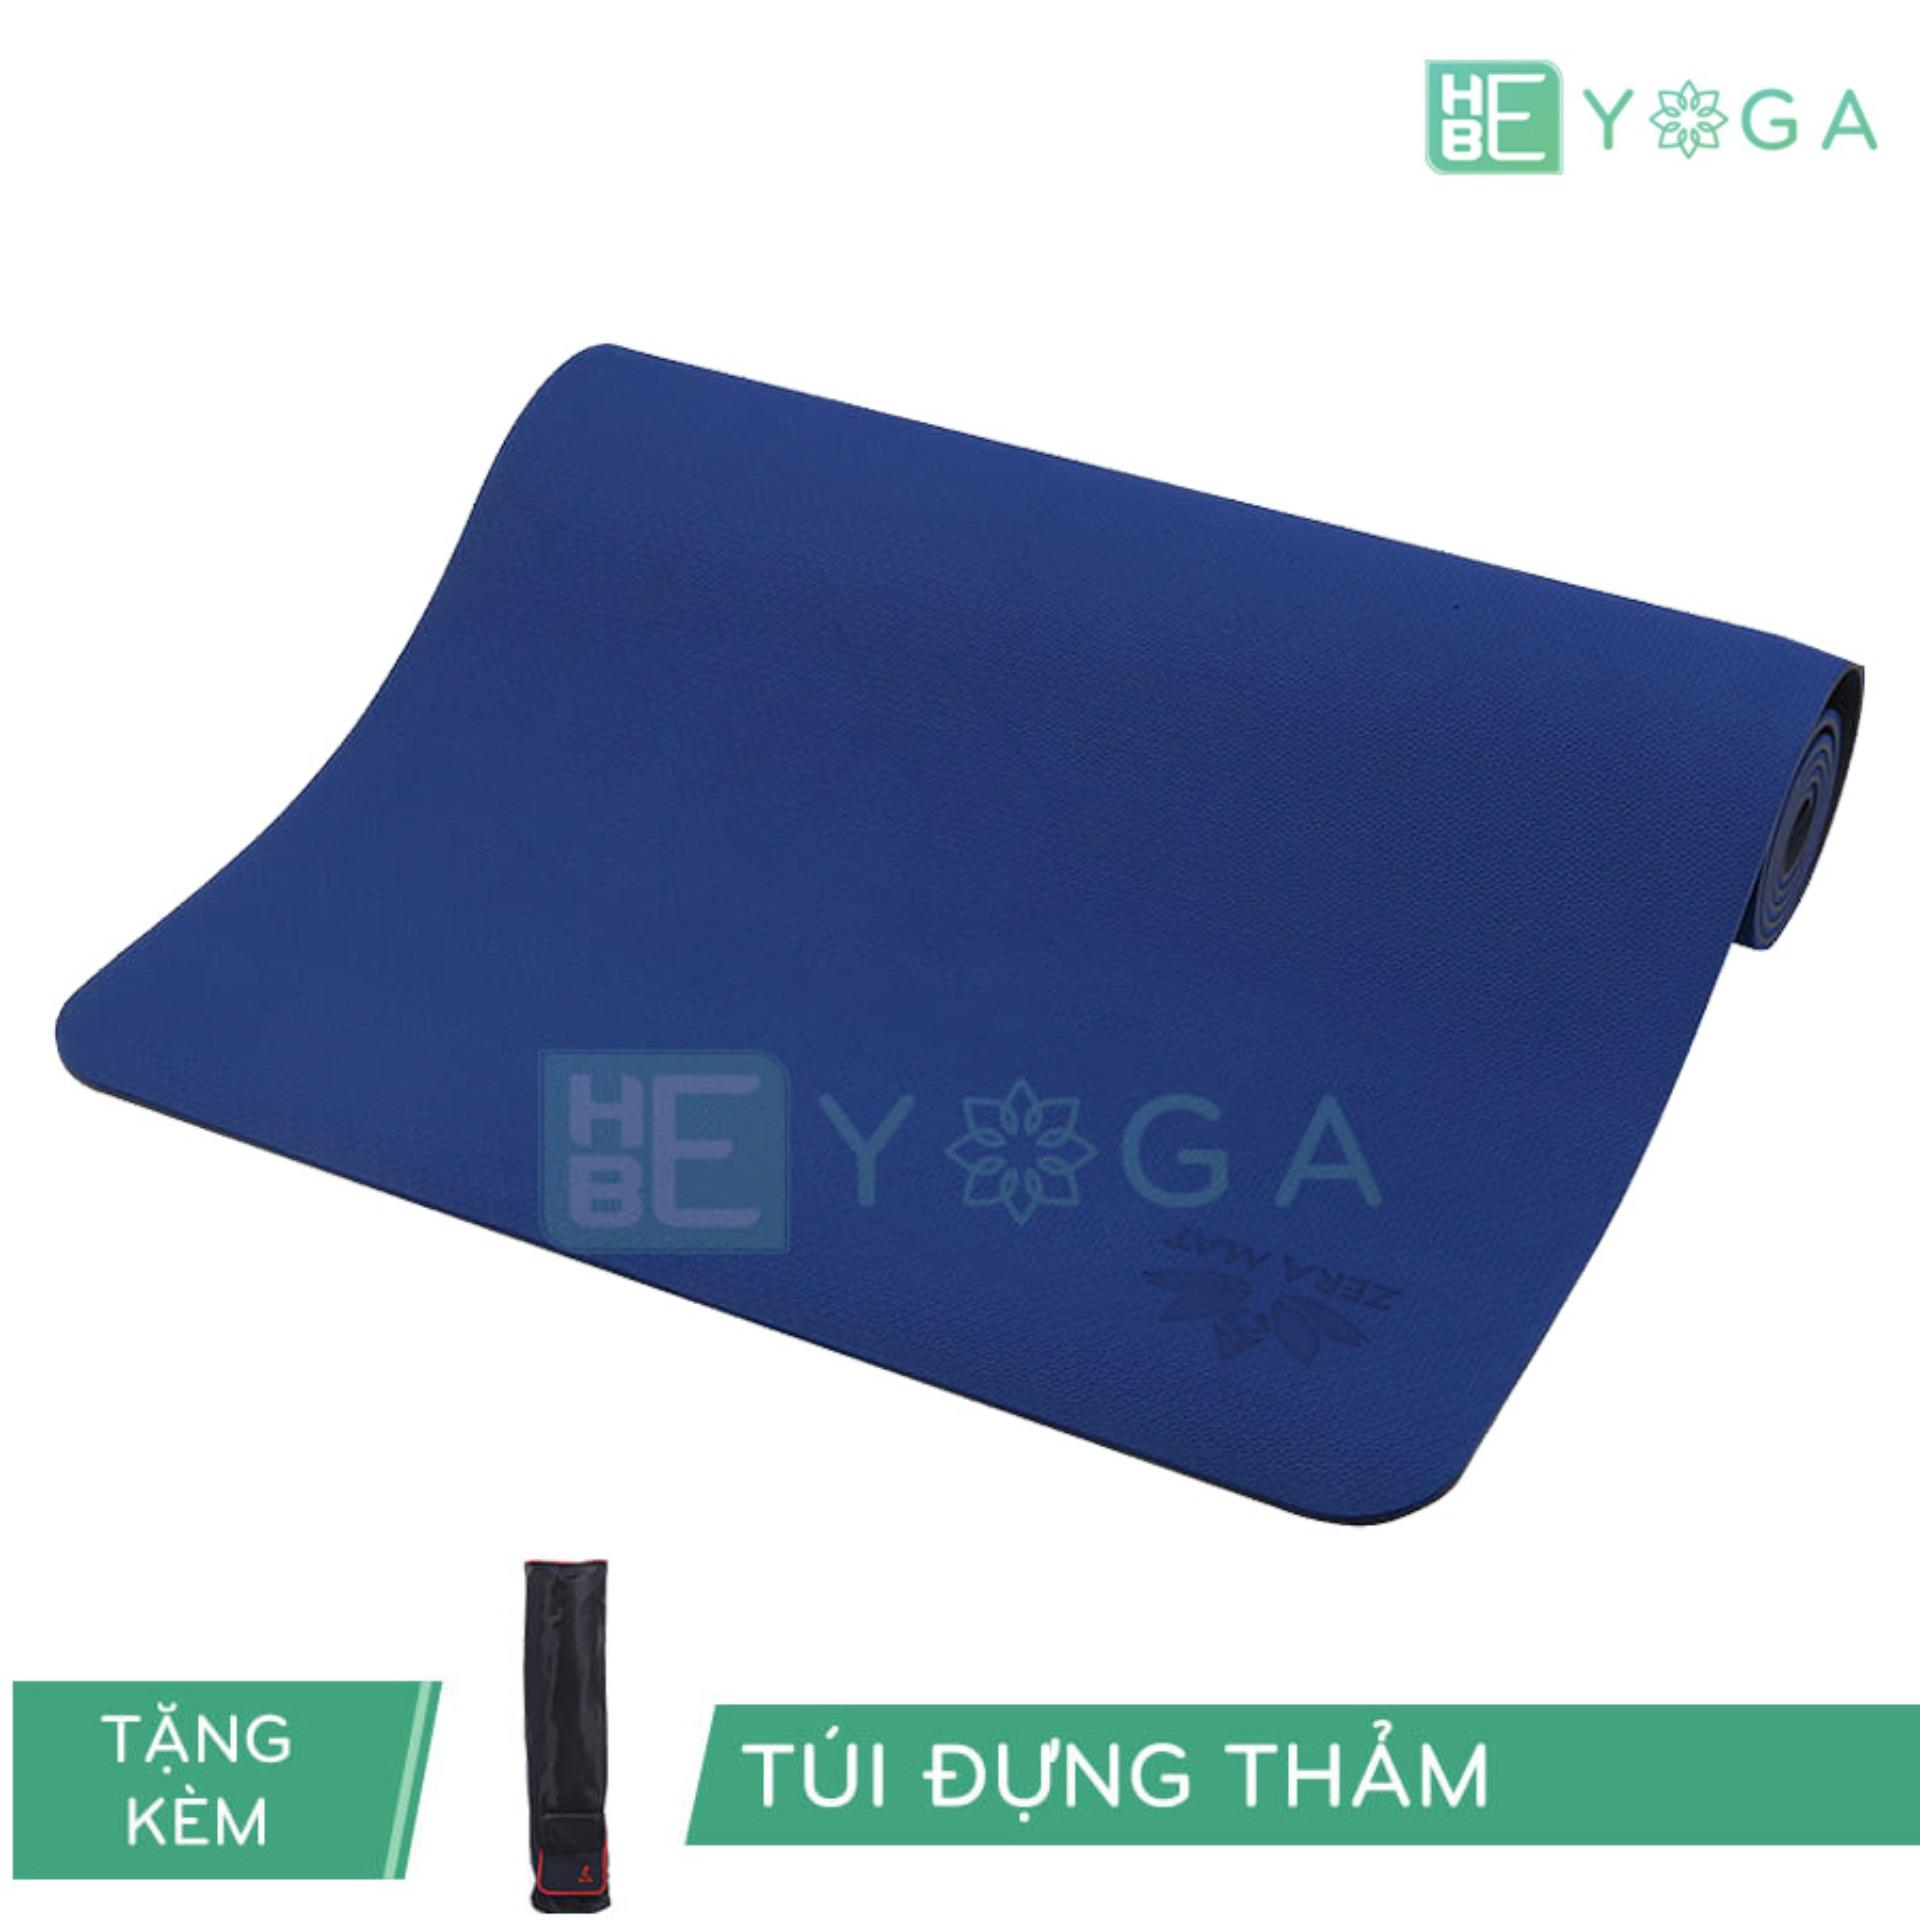 Bán Thảm Tập Yoga Zera Mats 8Mm 1 Lớp Kem Tui Đựng Trong Hồ Chí Minh